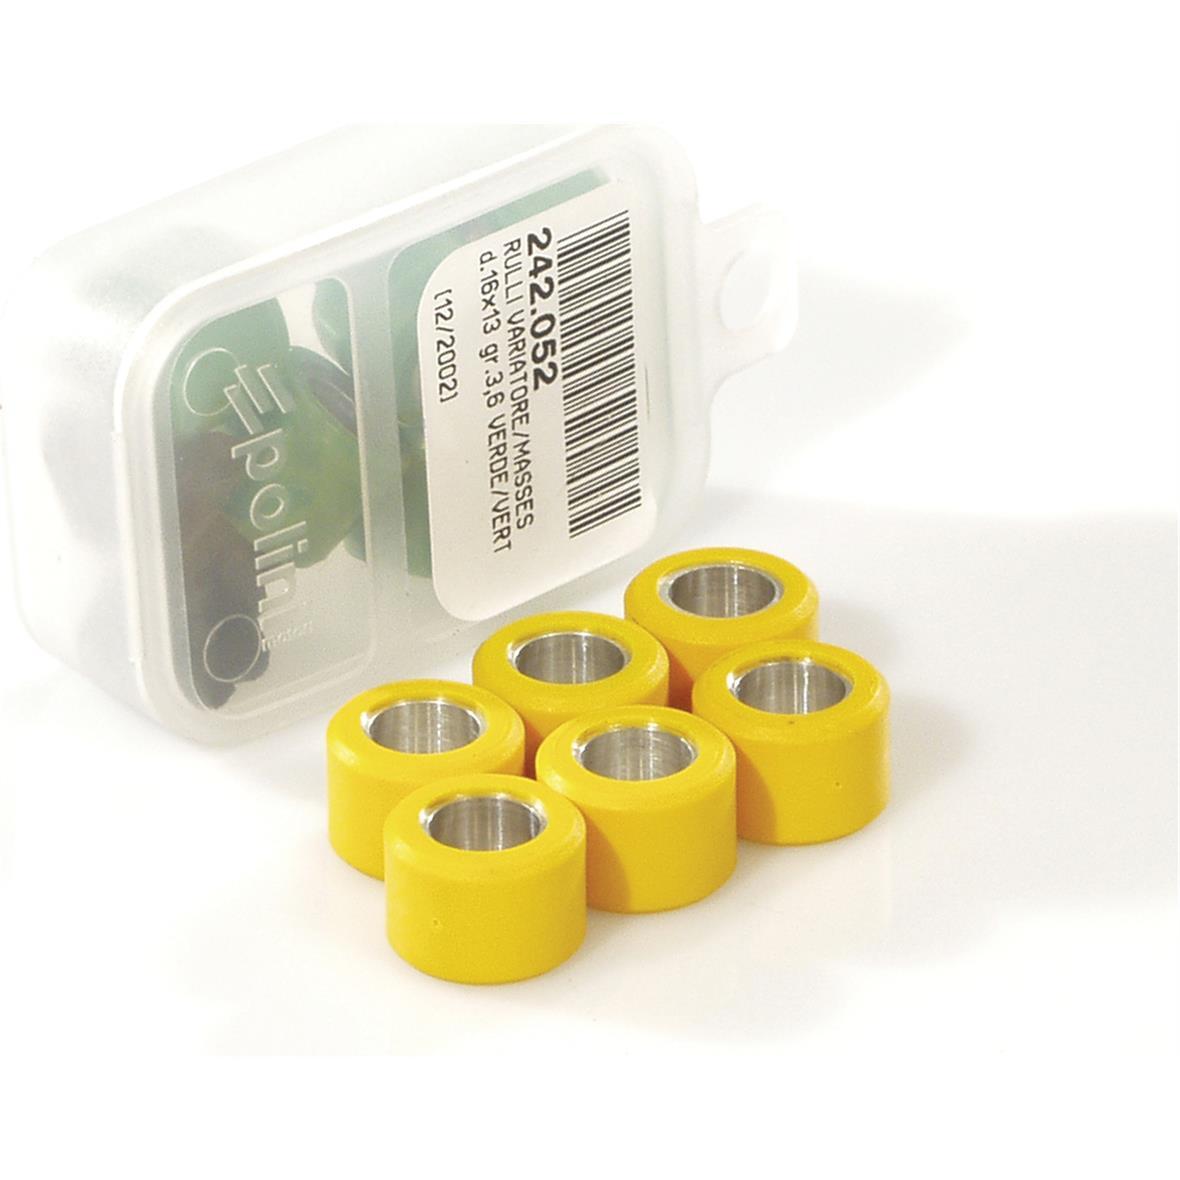 Zdjęcie produktu dla 'Rolki Variatora POLINI 17x12 mm 10,8 gTitle'